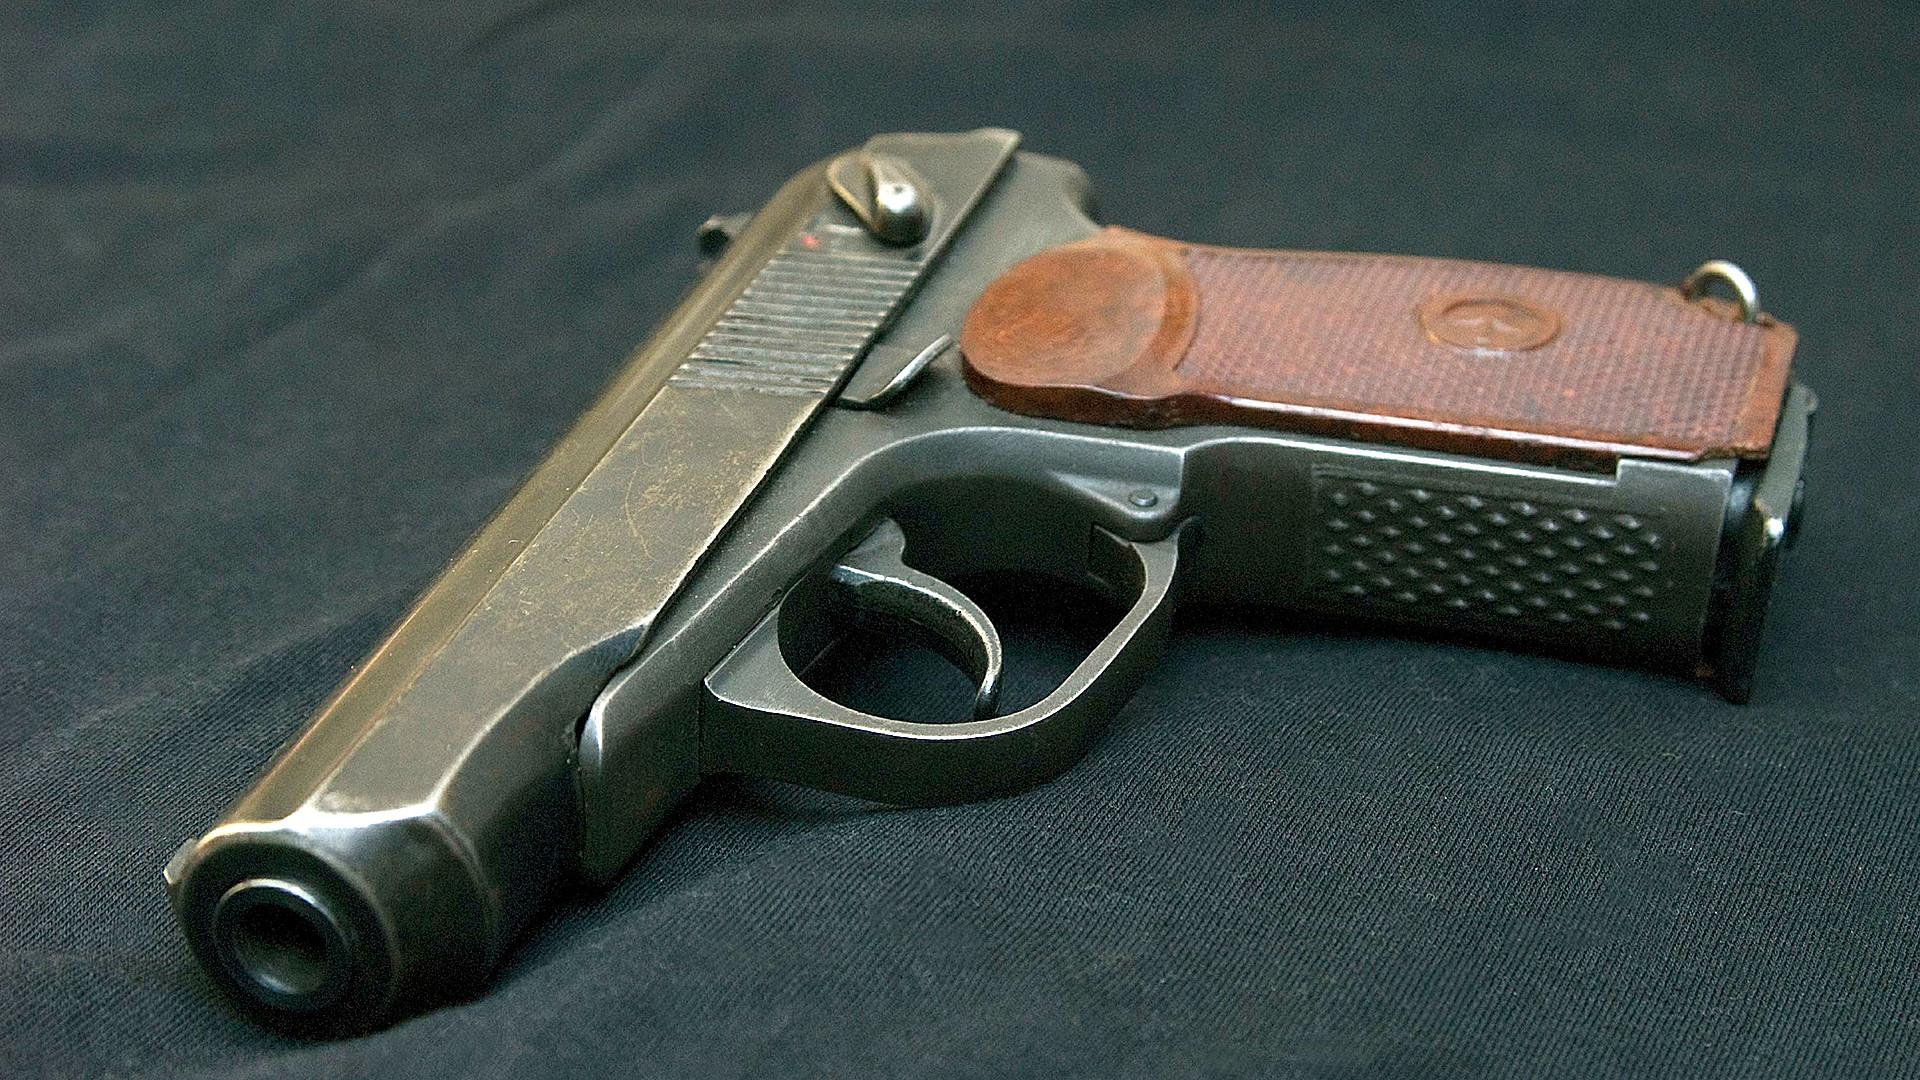 La pistola Makárov es más pequeña que la TT-30 y pesa alrededor de 810 gramos.